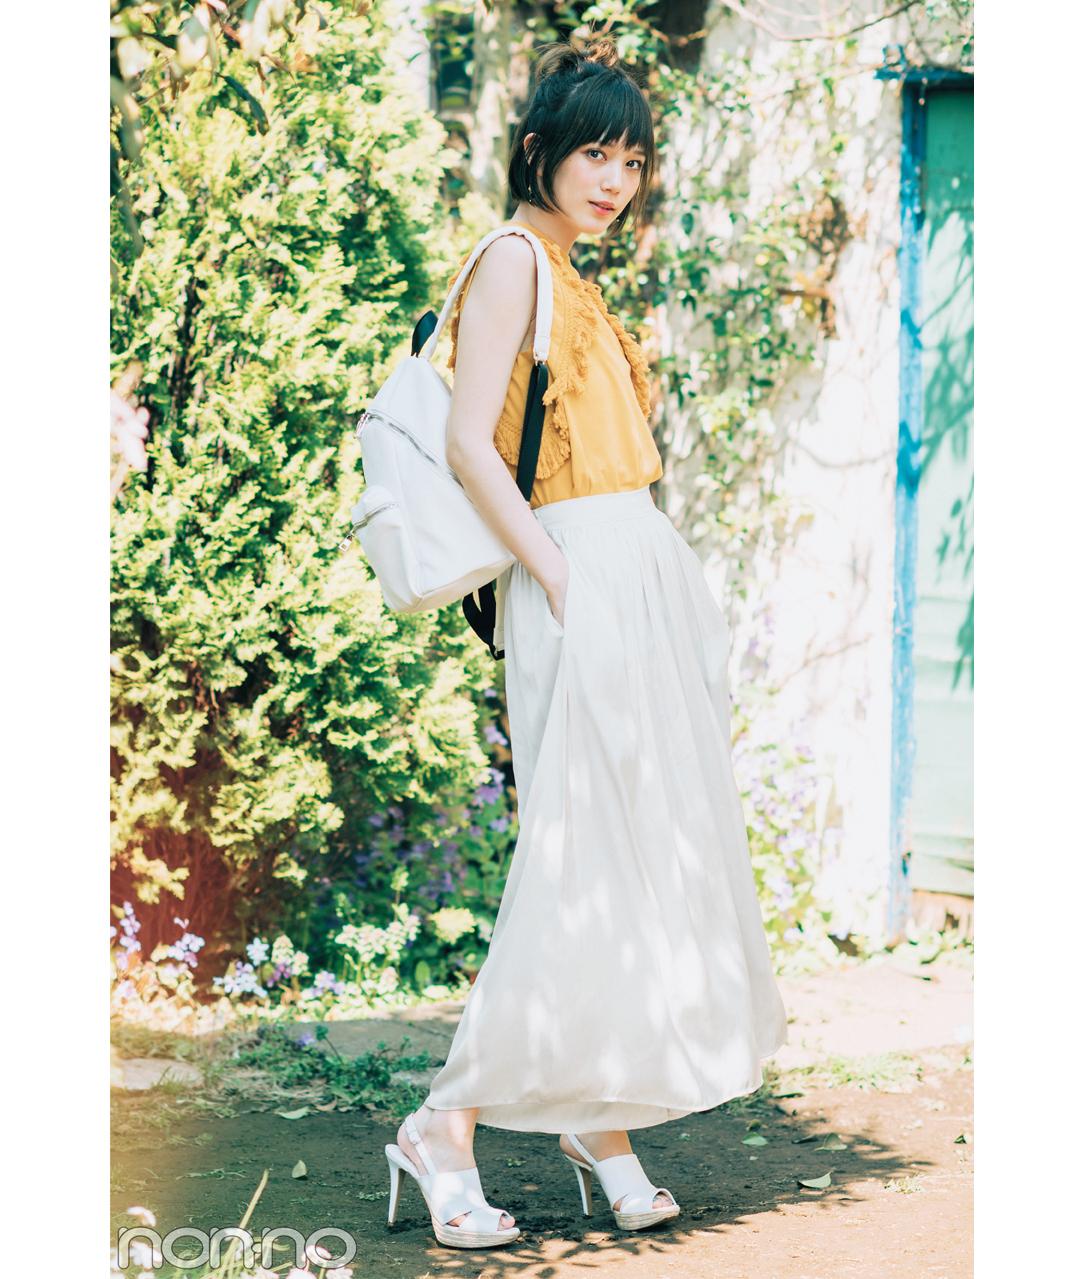 本田翼のスカーチョ着回し3スタイル★カジュアルも大人っぽも、こう着るのが正解!_1_2